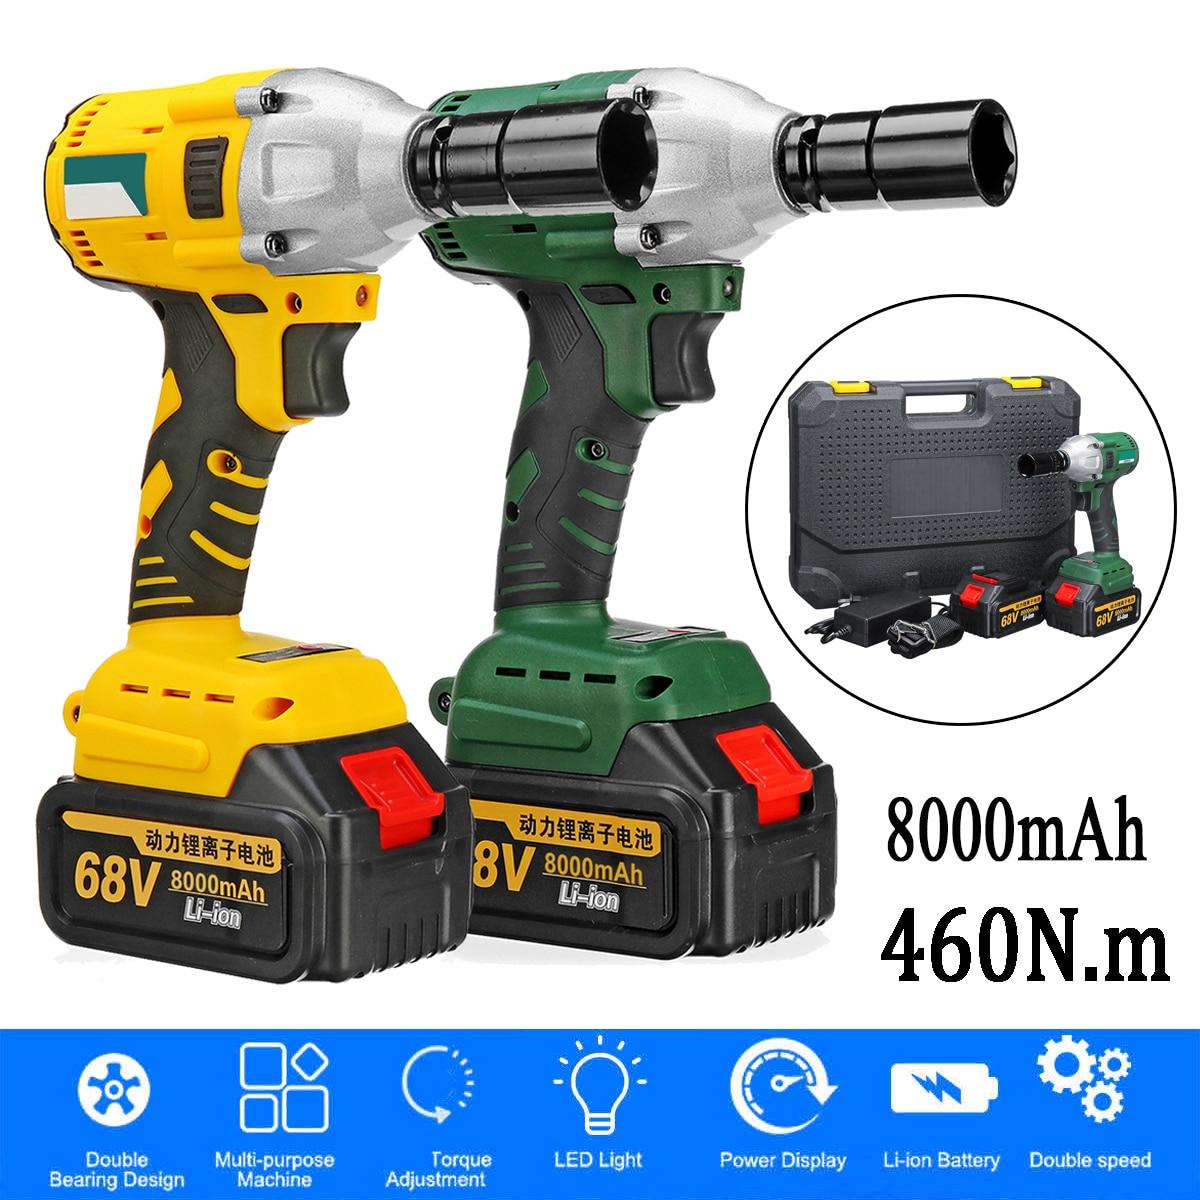 68 V 8000 mAh 460N. m Sem Escova Elétrica Chave de Impacto Sem Fio Com Carregador de Baterias 1 2 Mão Broca Instalação Ferramentas De Poder